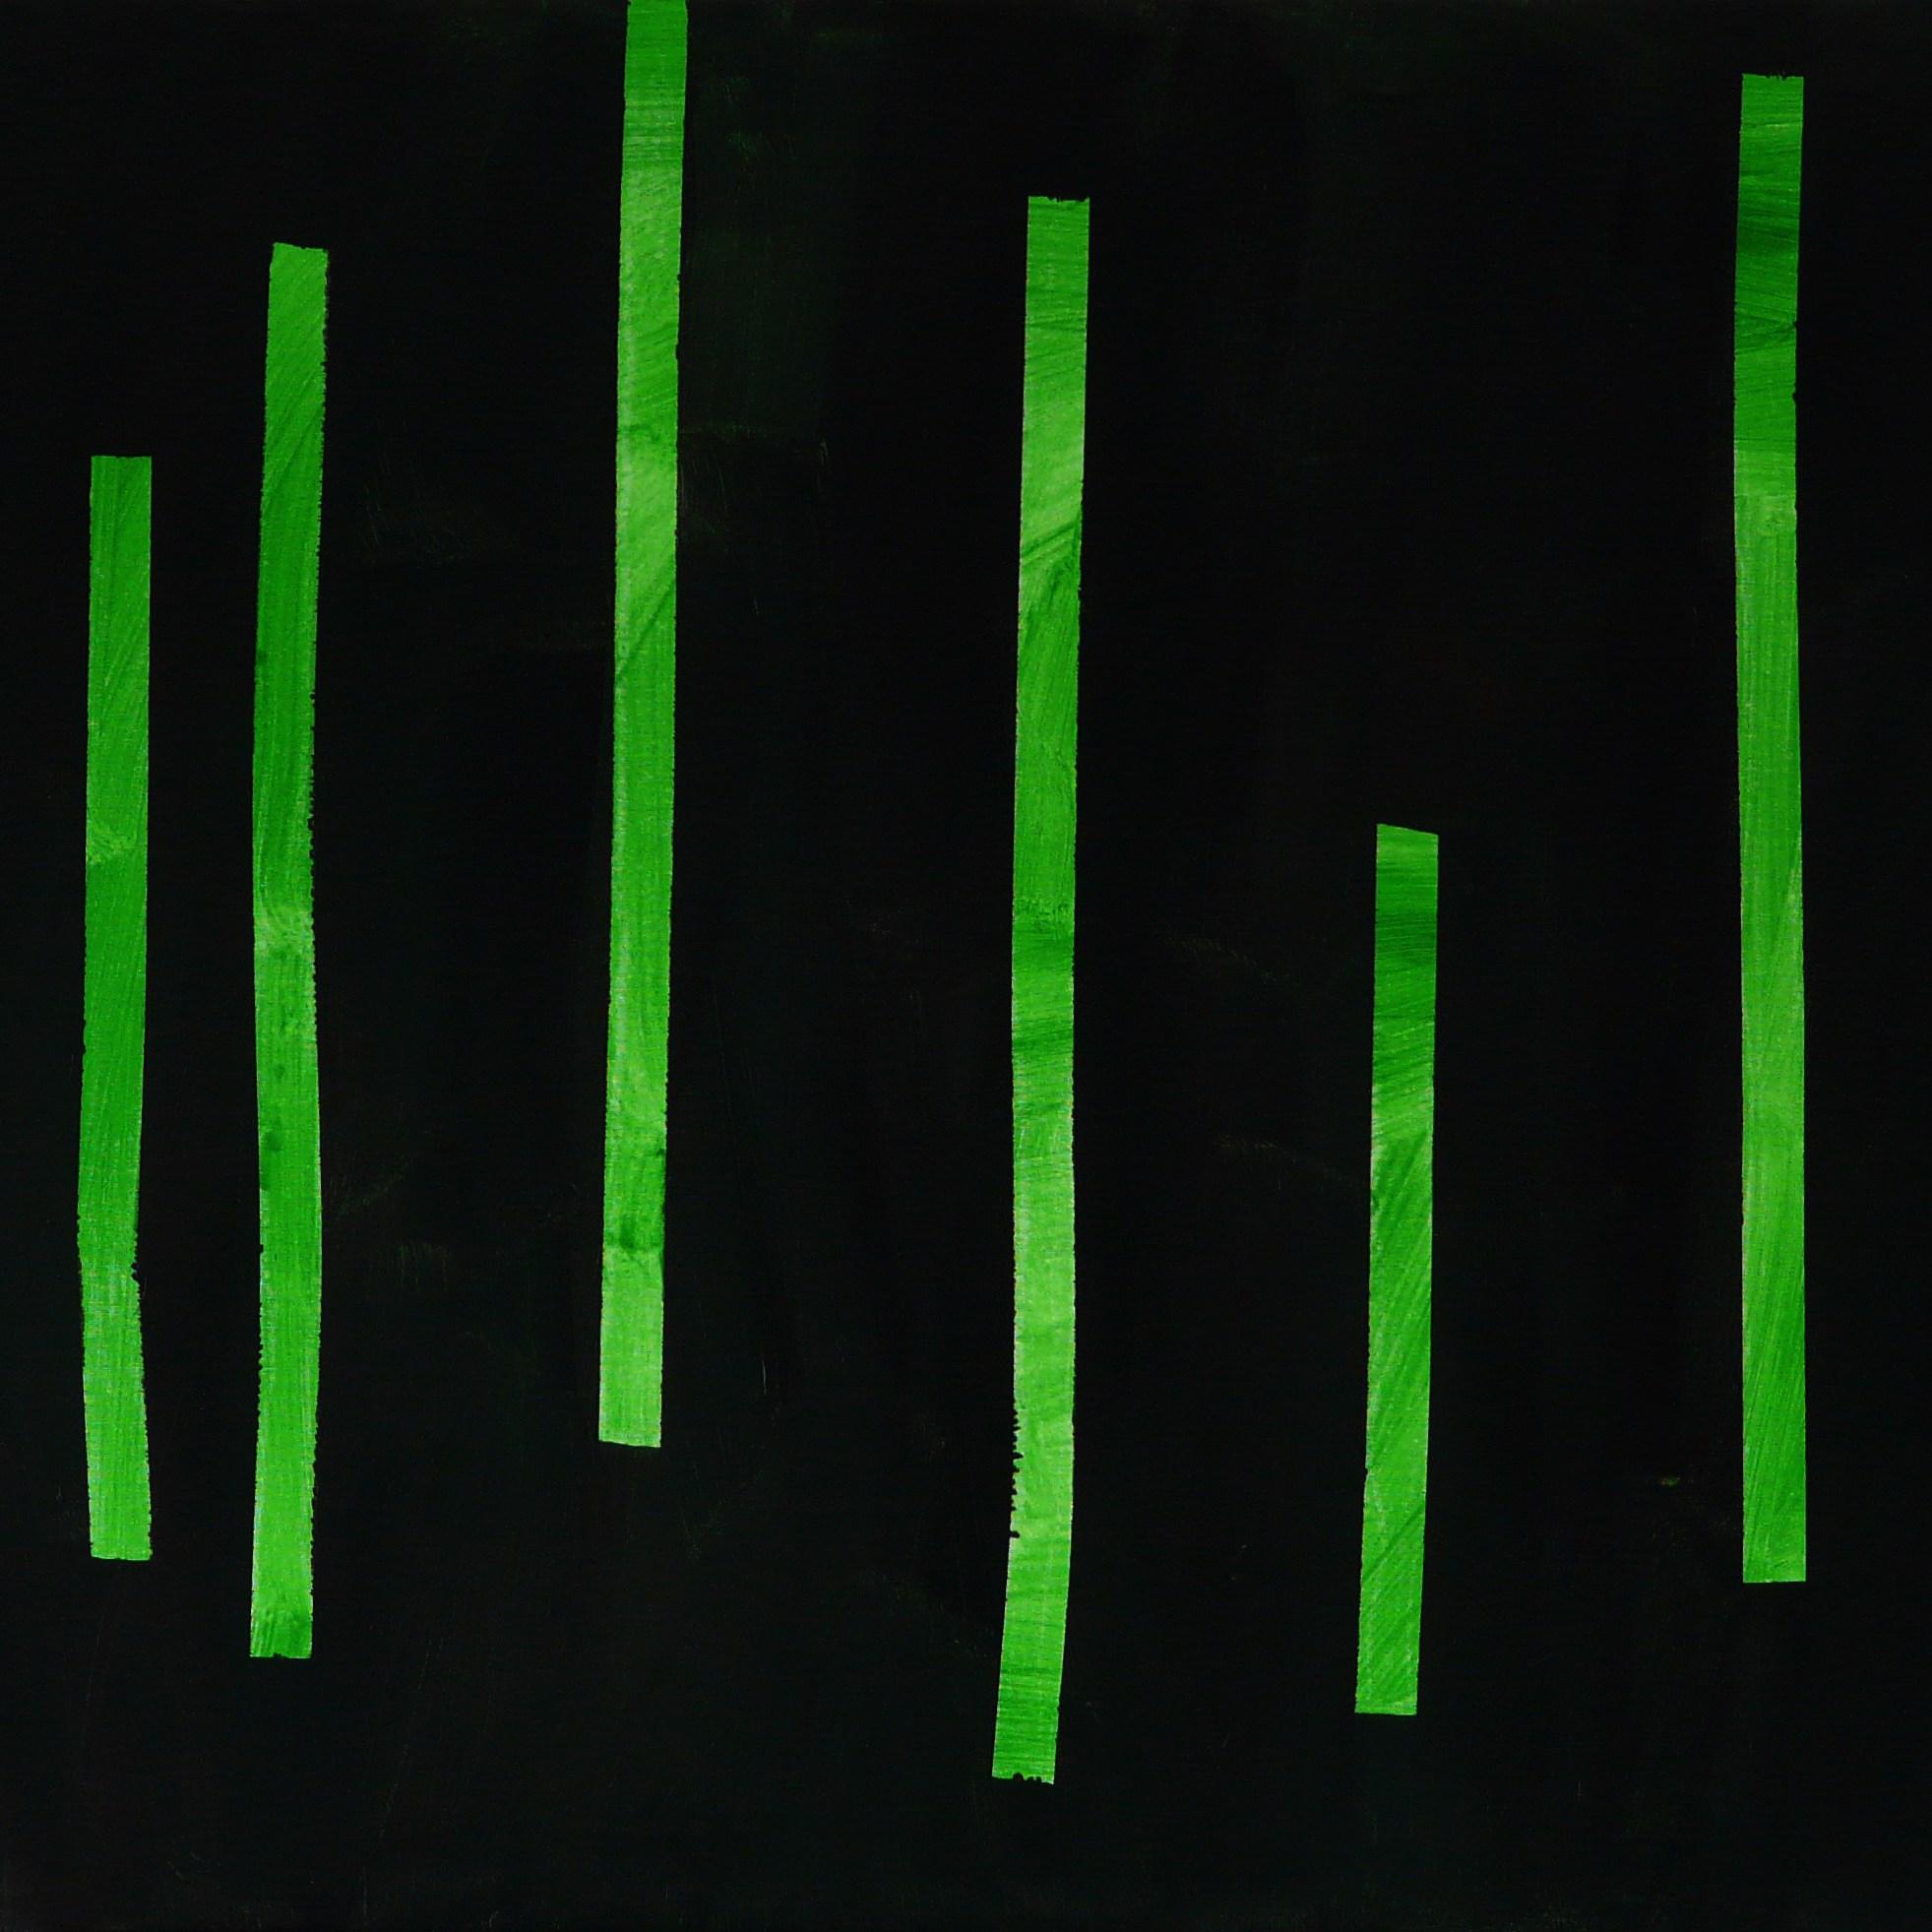 chaluhy 1 / algae 1, 105x80 cm, akryl na plátně / acrylic on canvas, 2015